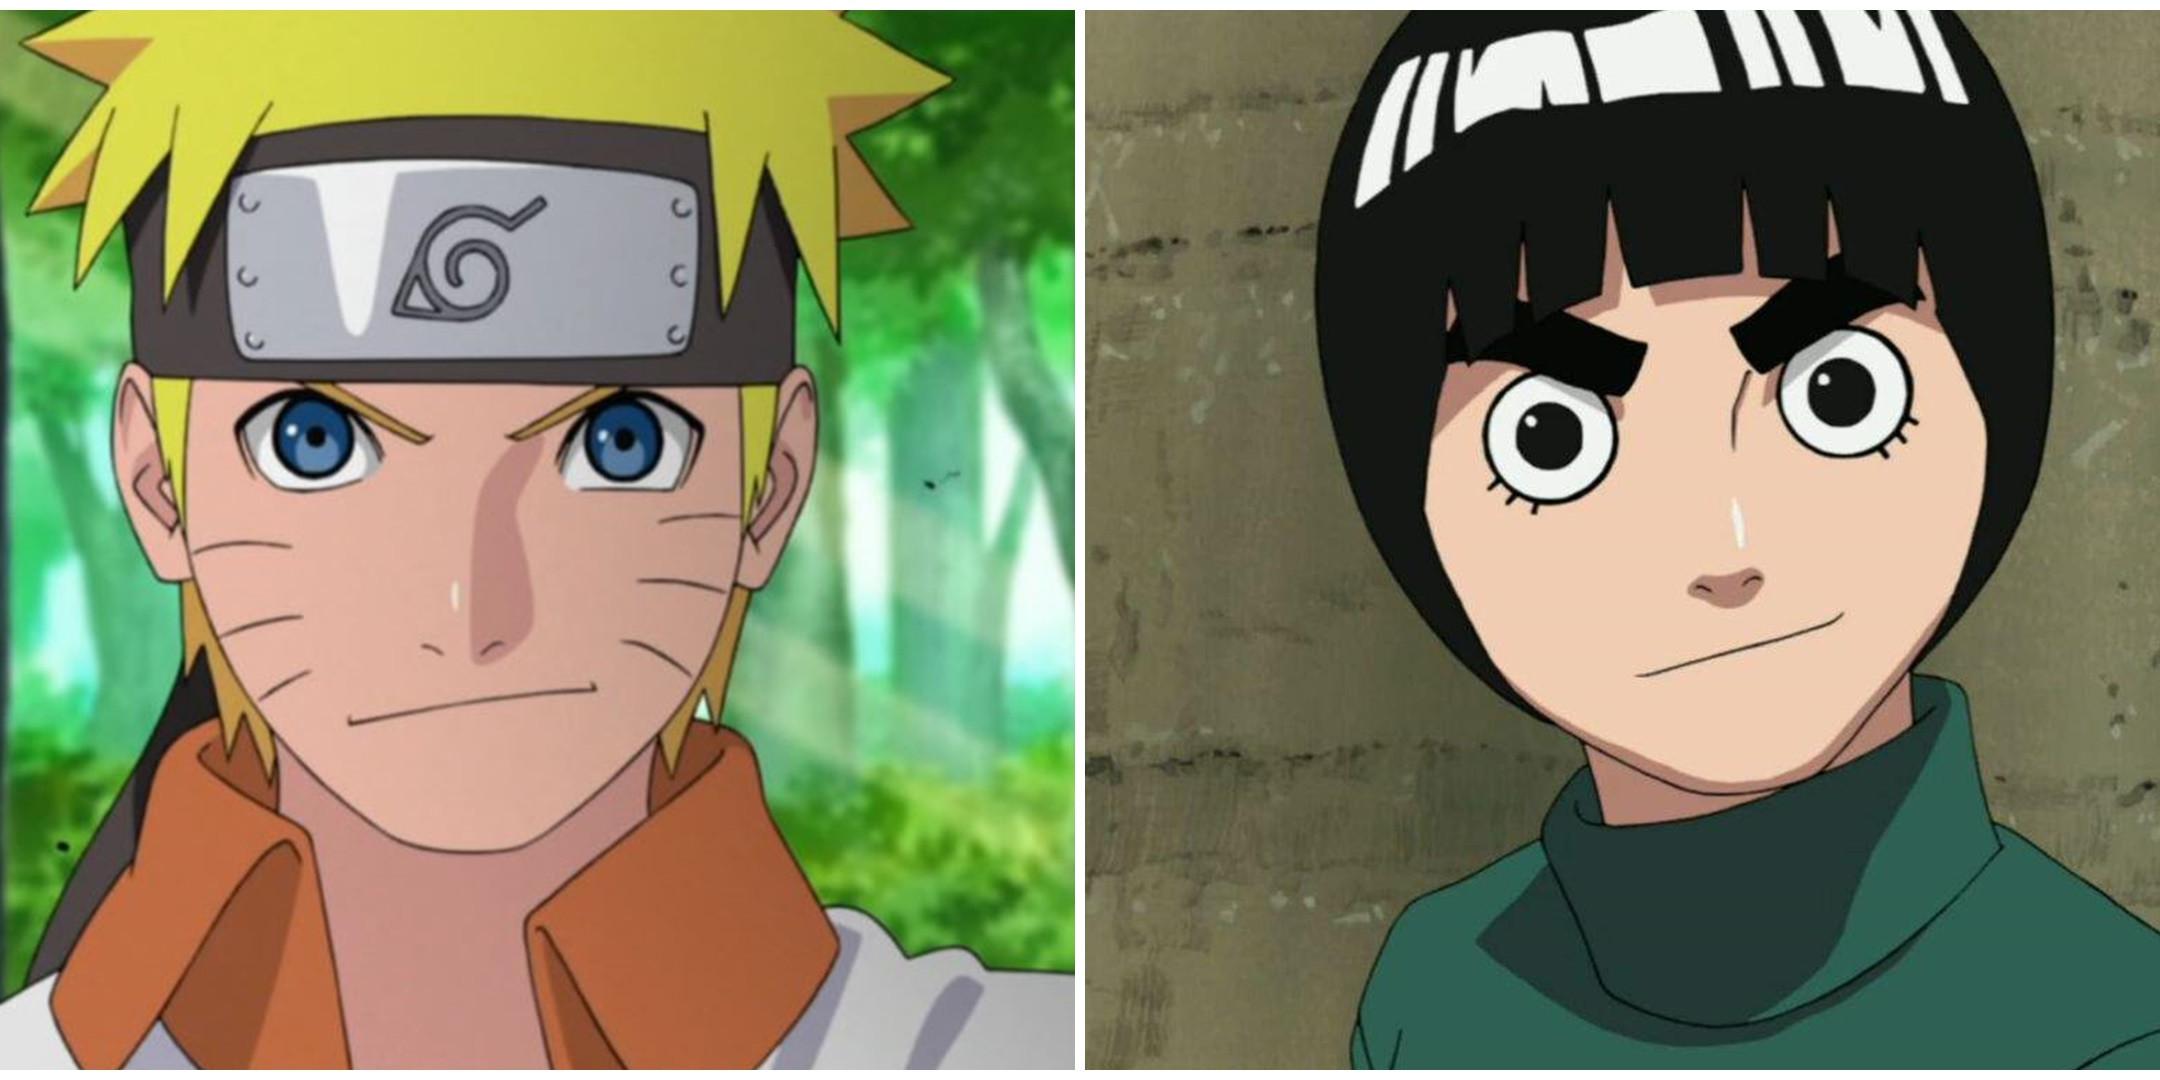 5 Karakter Yang Menginspirasi Di Anime Naruto Patut Dicontoh